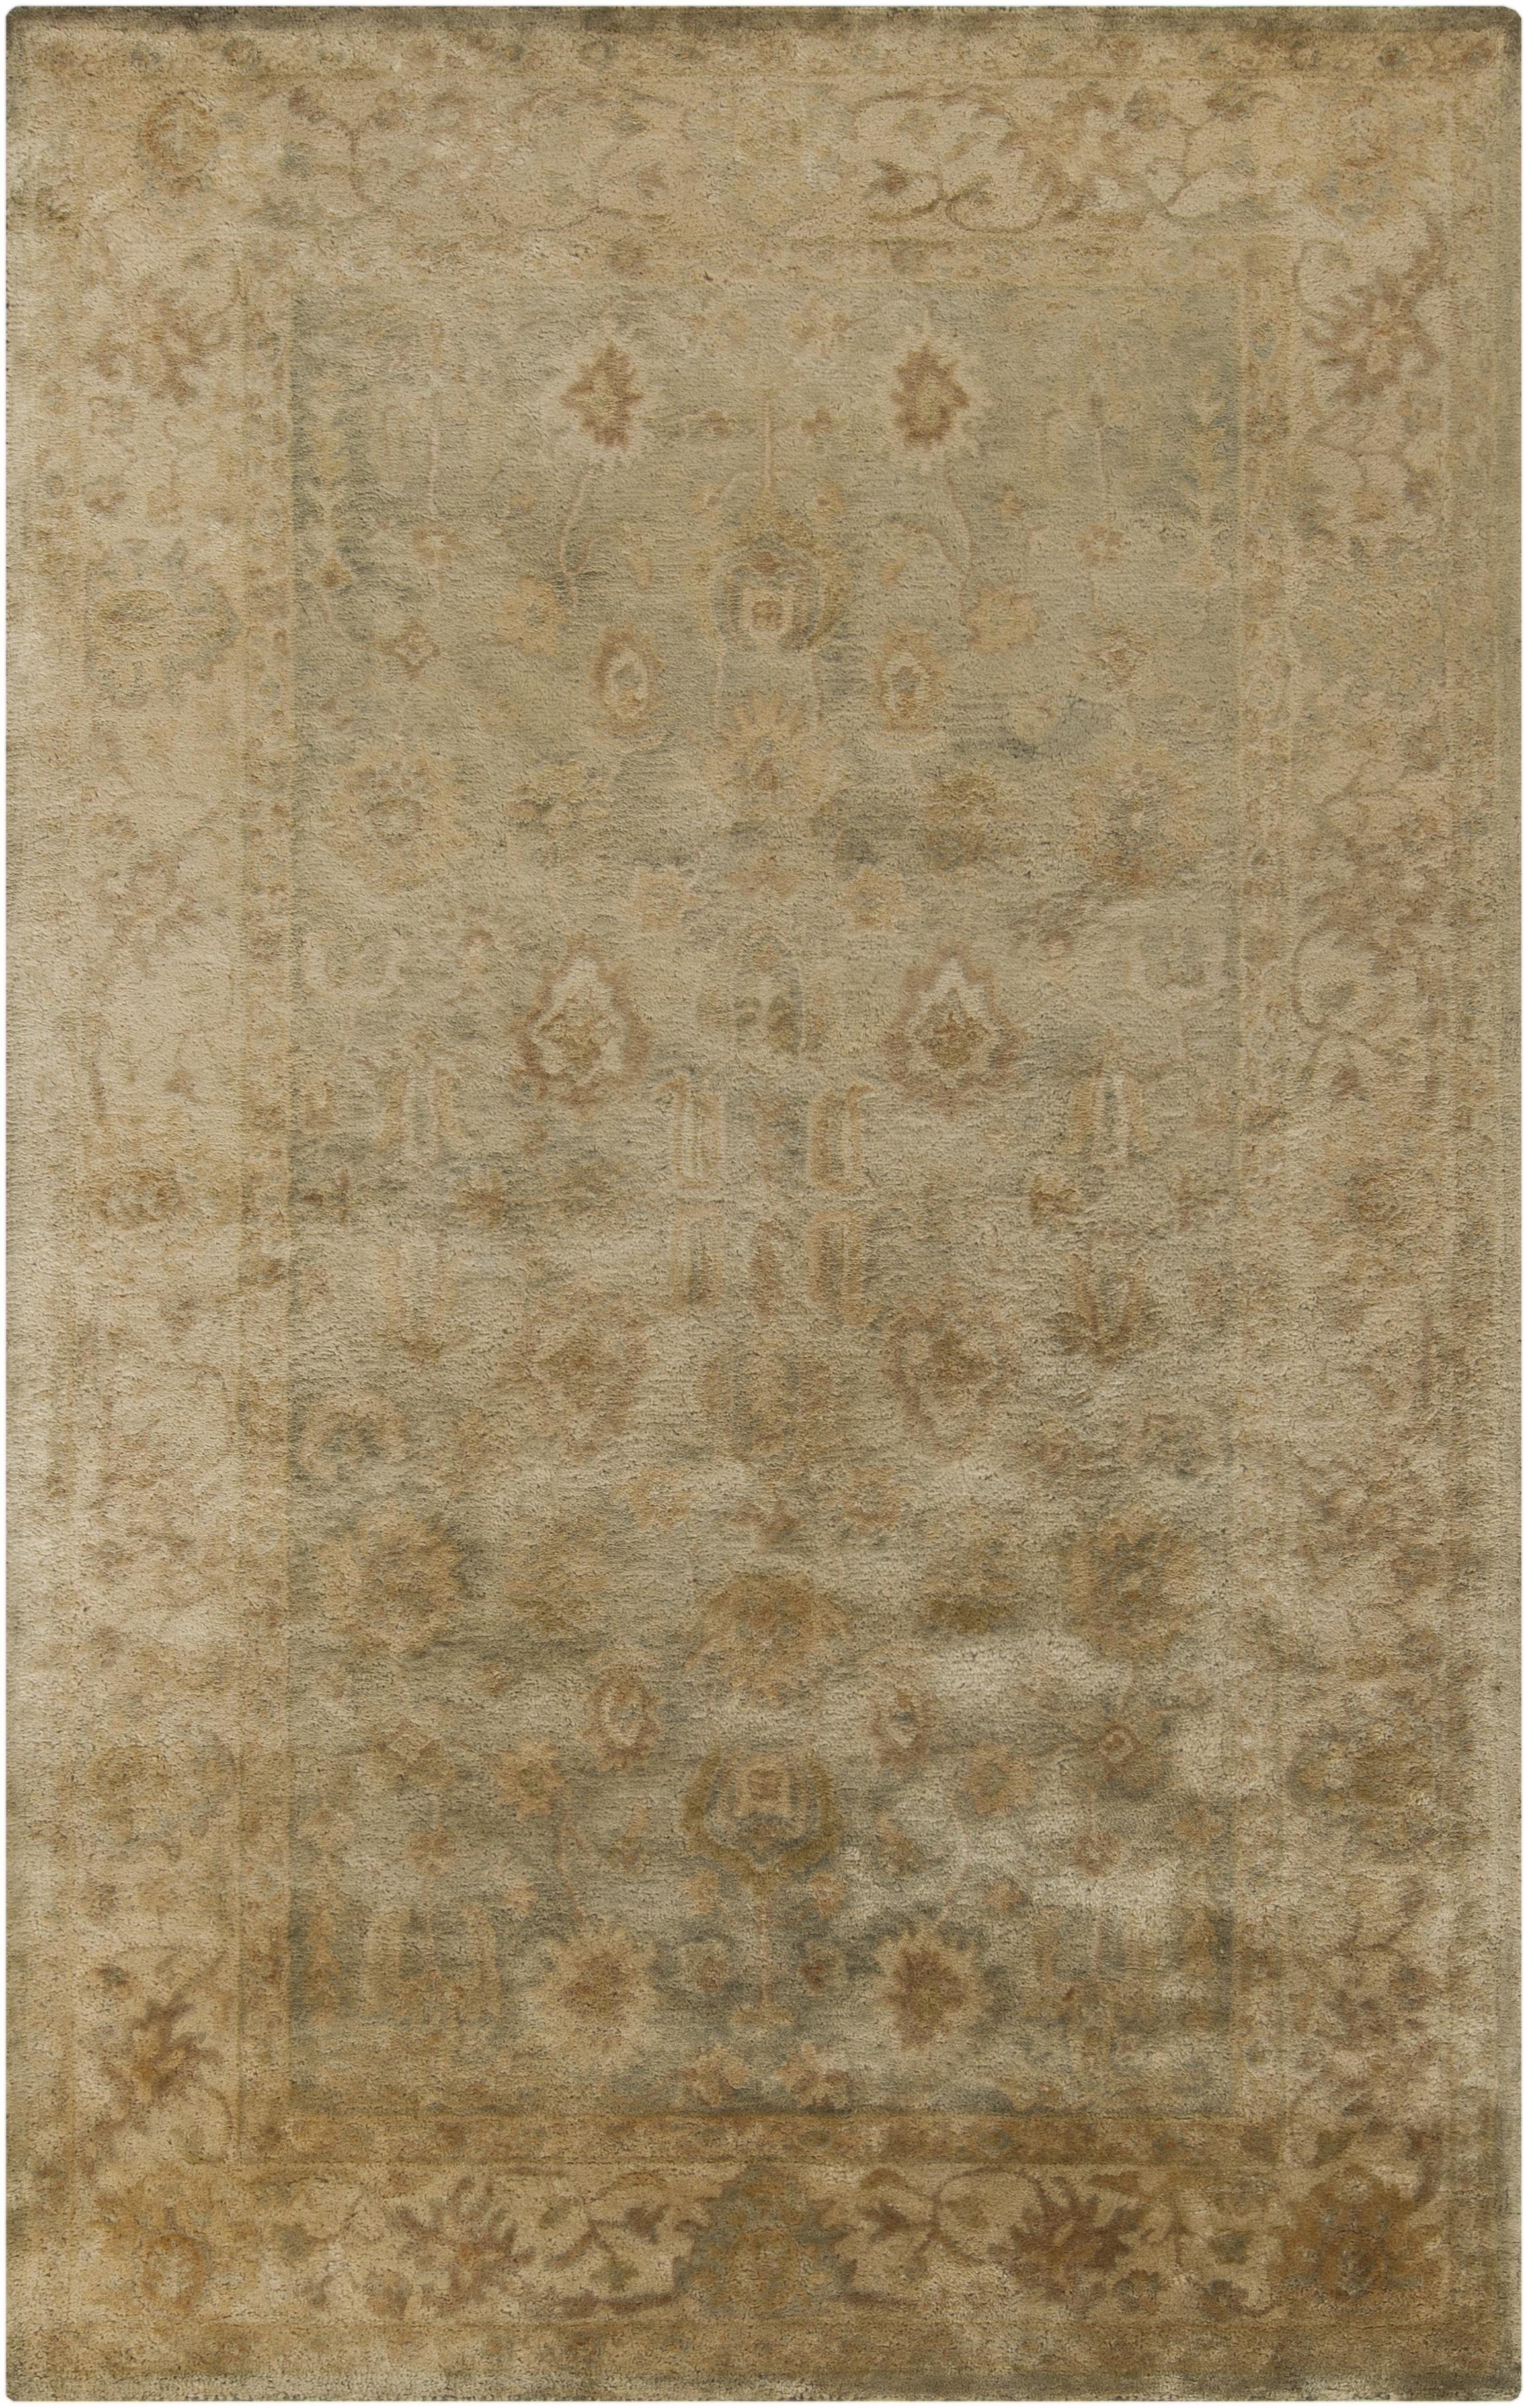 Surya Rugs Vintage 9' x 13' - Item Number: VTG5237-913